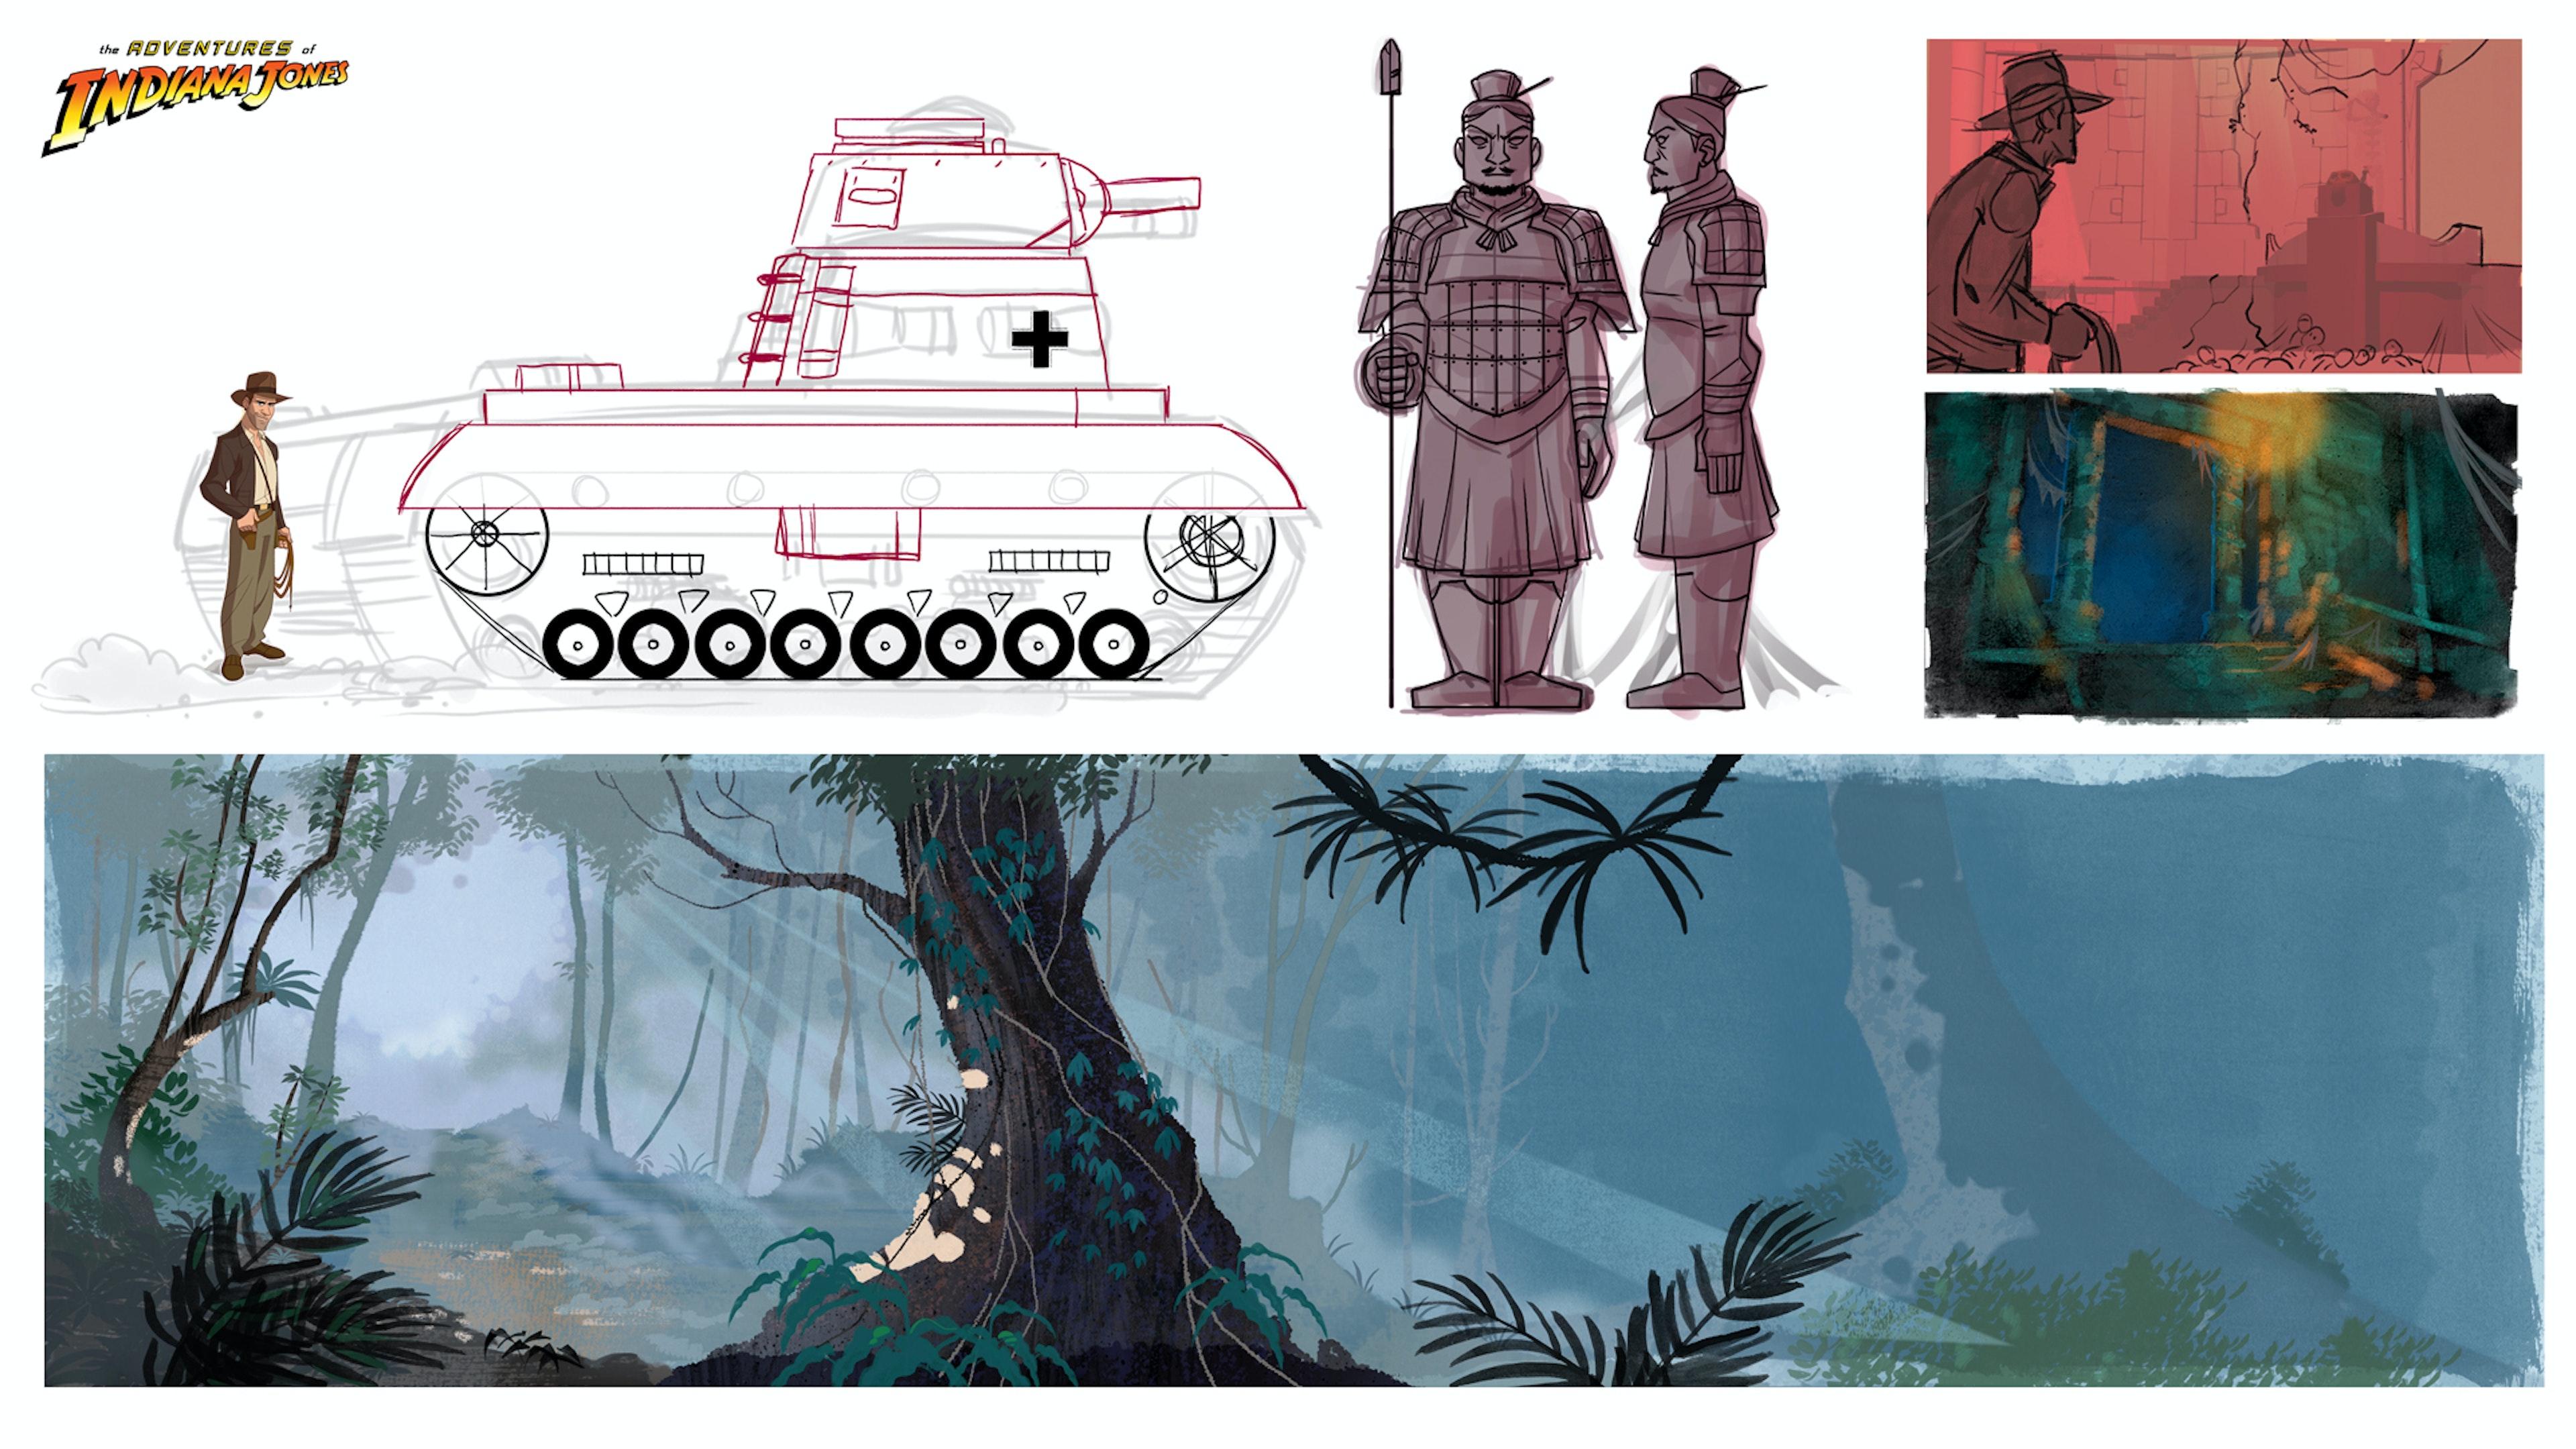 Patrick Shoenmaker's tank concept art from 'The Adventures of Indiana Jones'